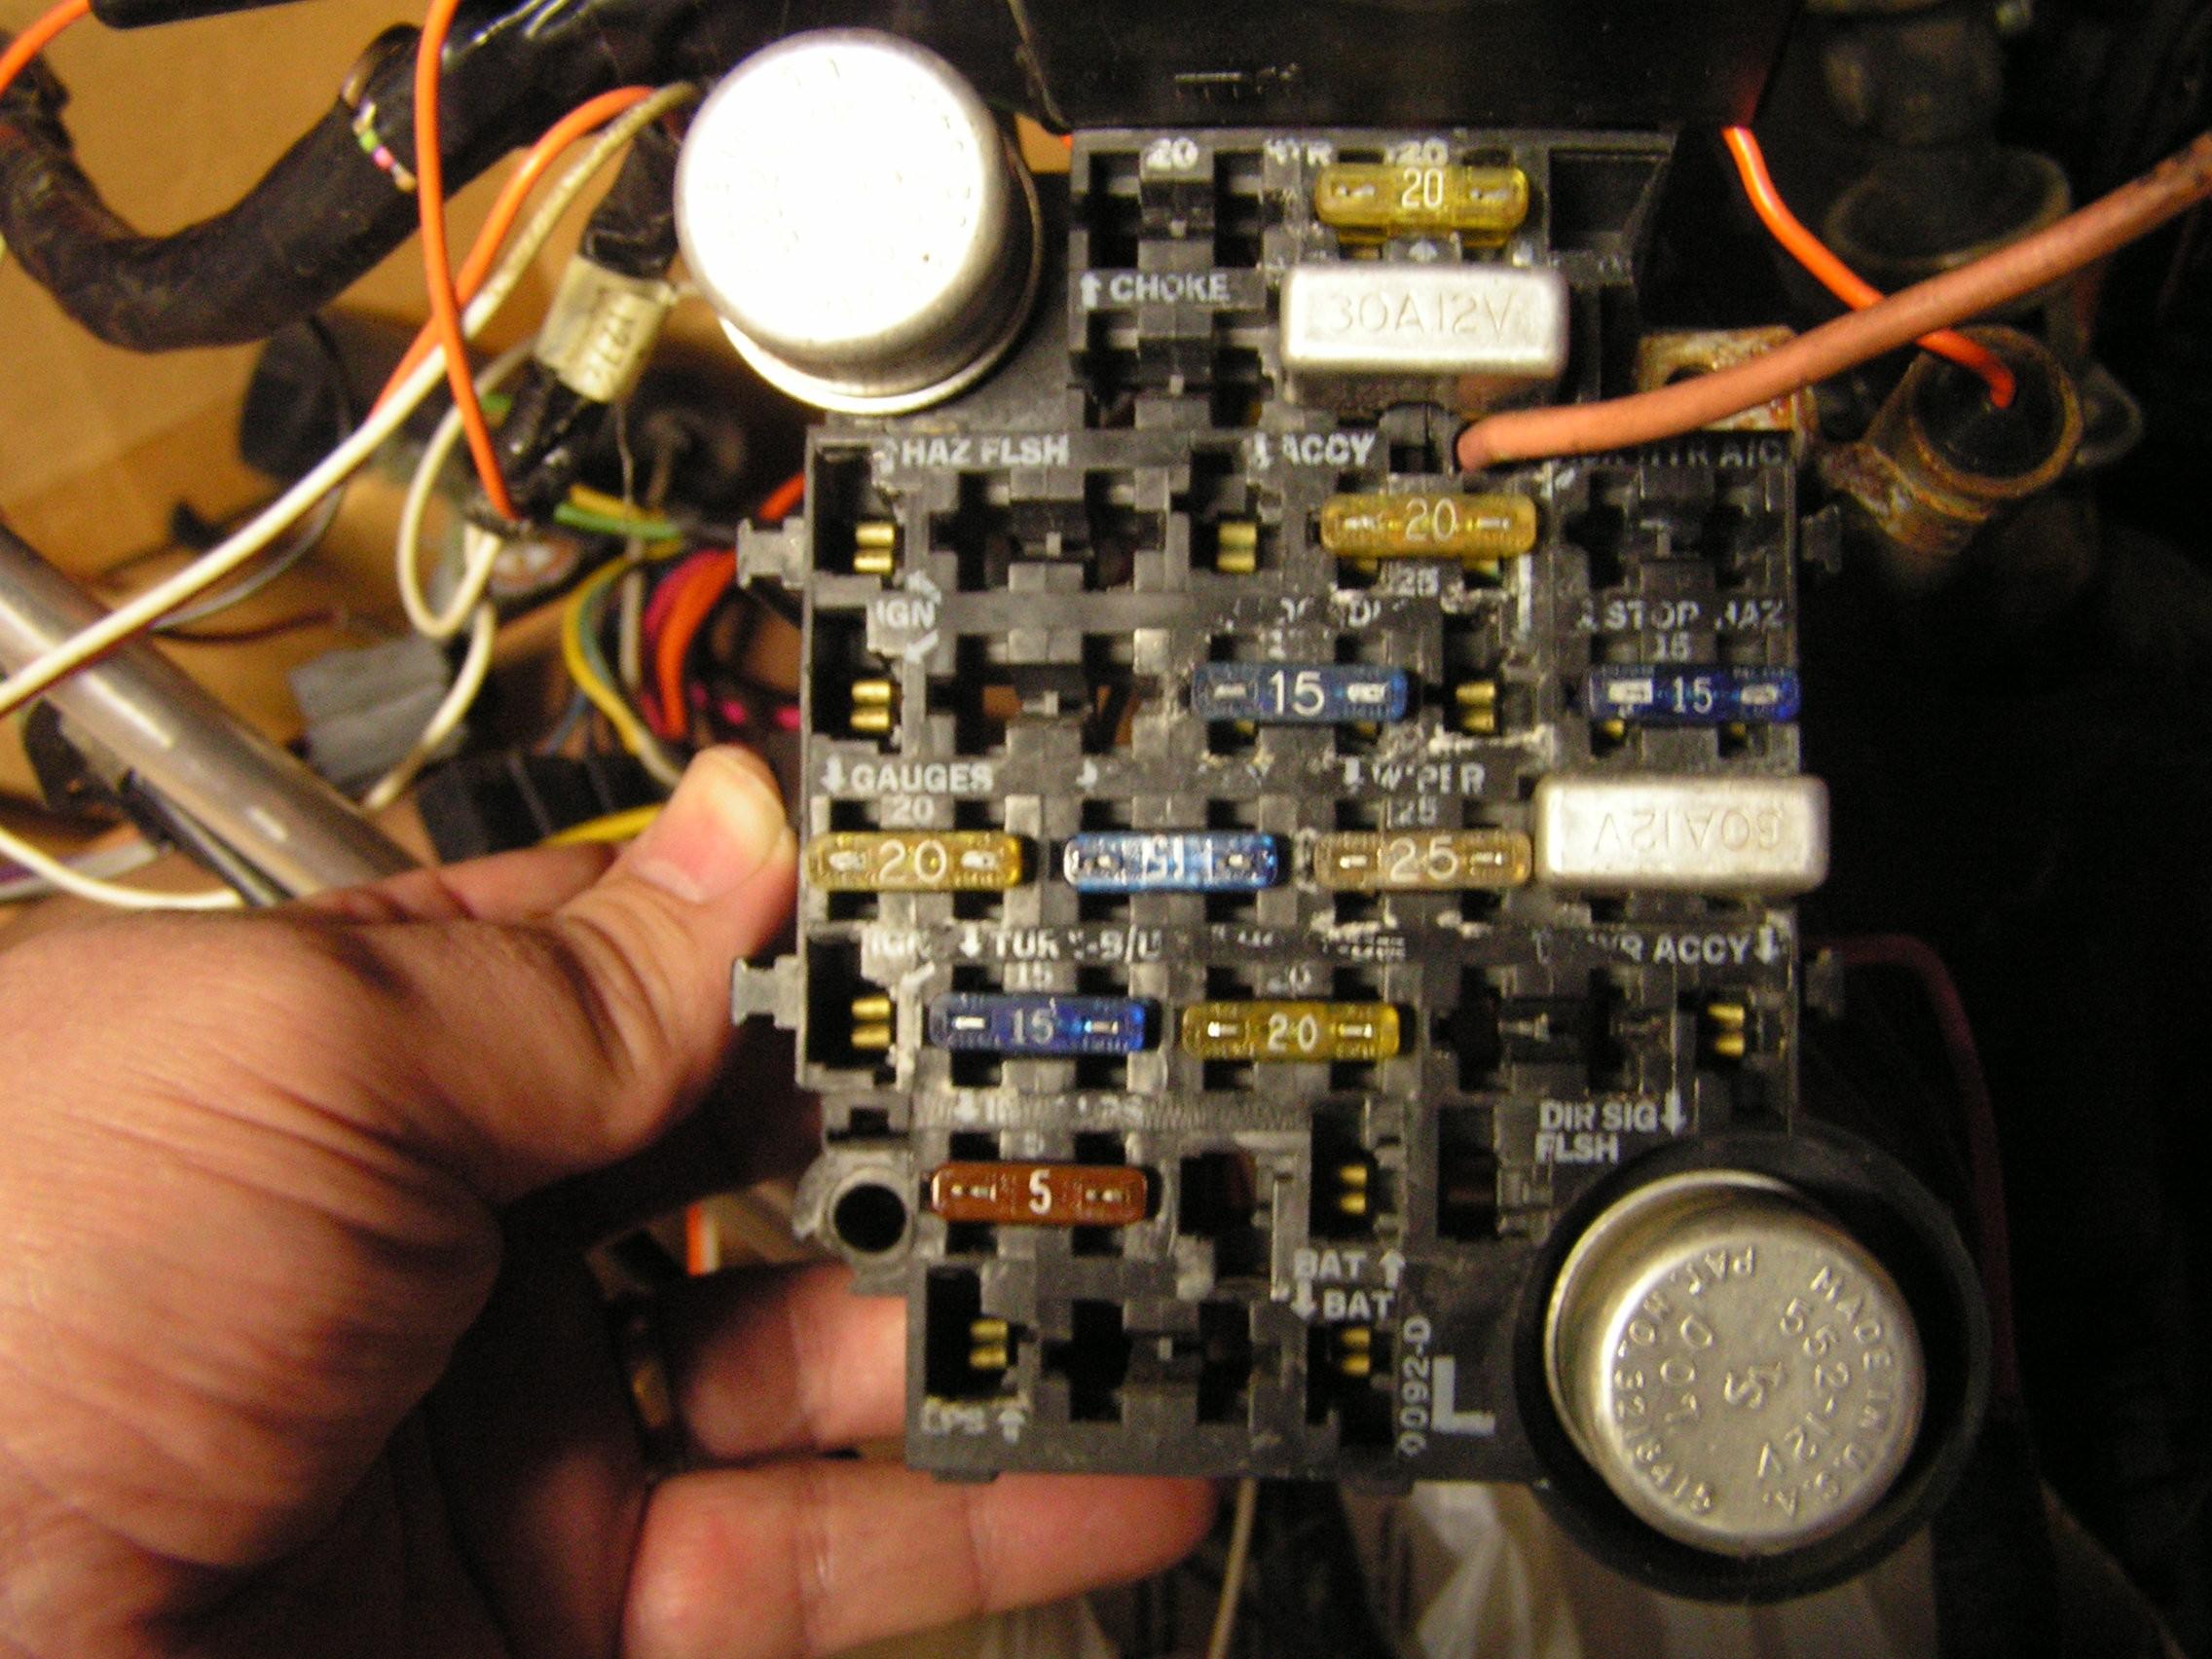 84 Gmc Truck Turn Signal Lights On when Light On 85 Chevy Pickup Fuse Box Of 84 Gmc Truck Turn Signal Lights On when Light On